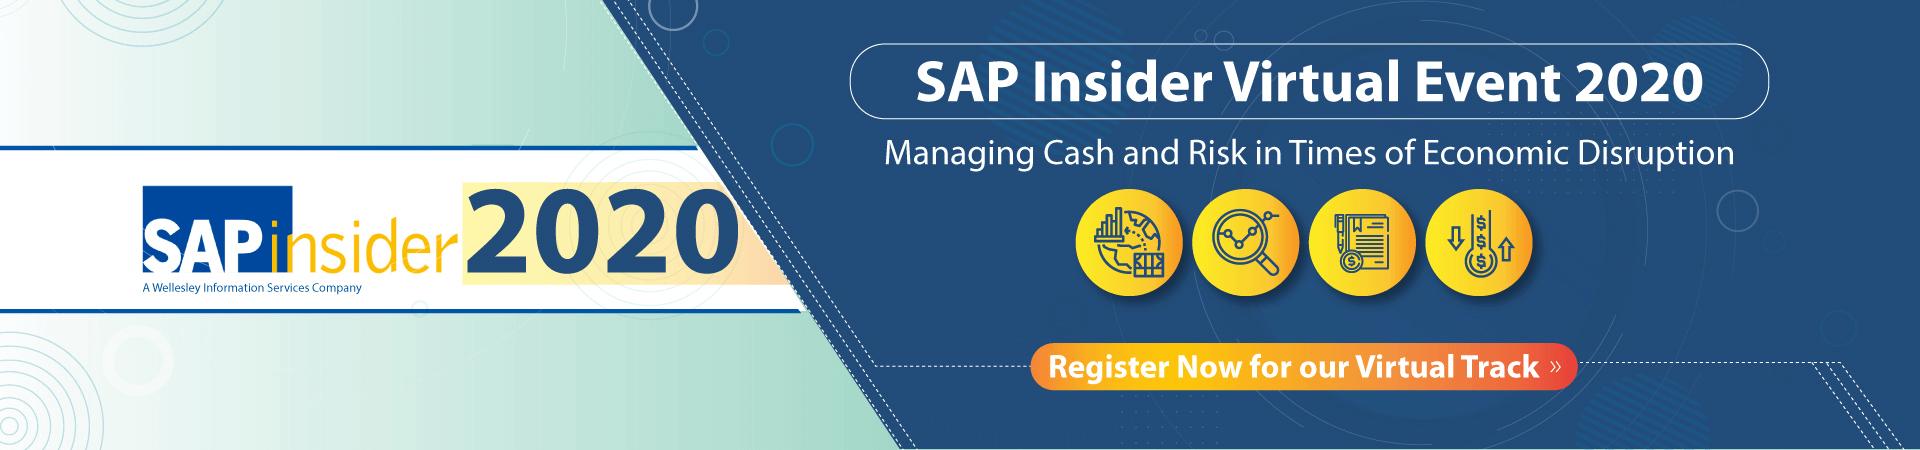 SAP-insider-2020 Banner